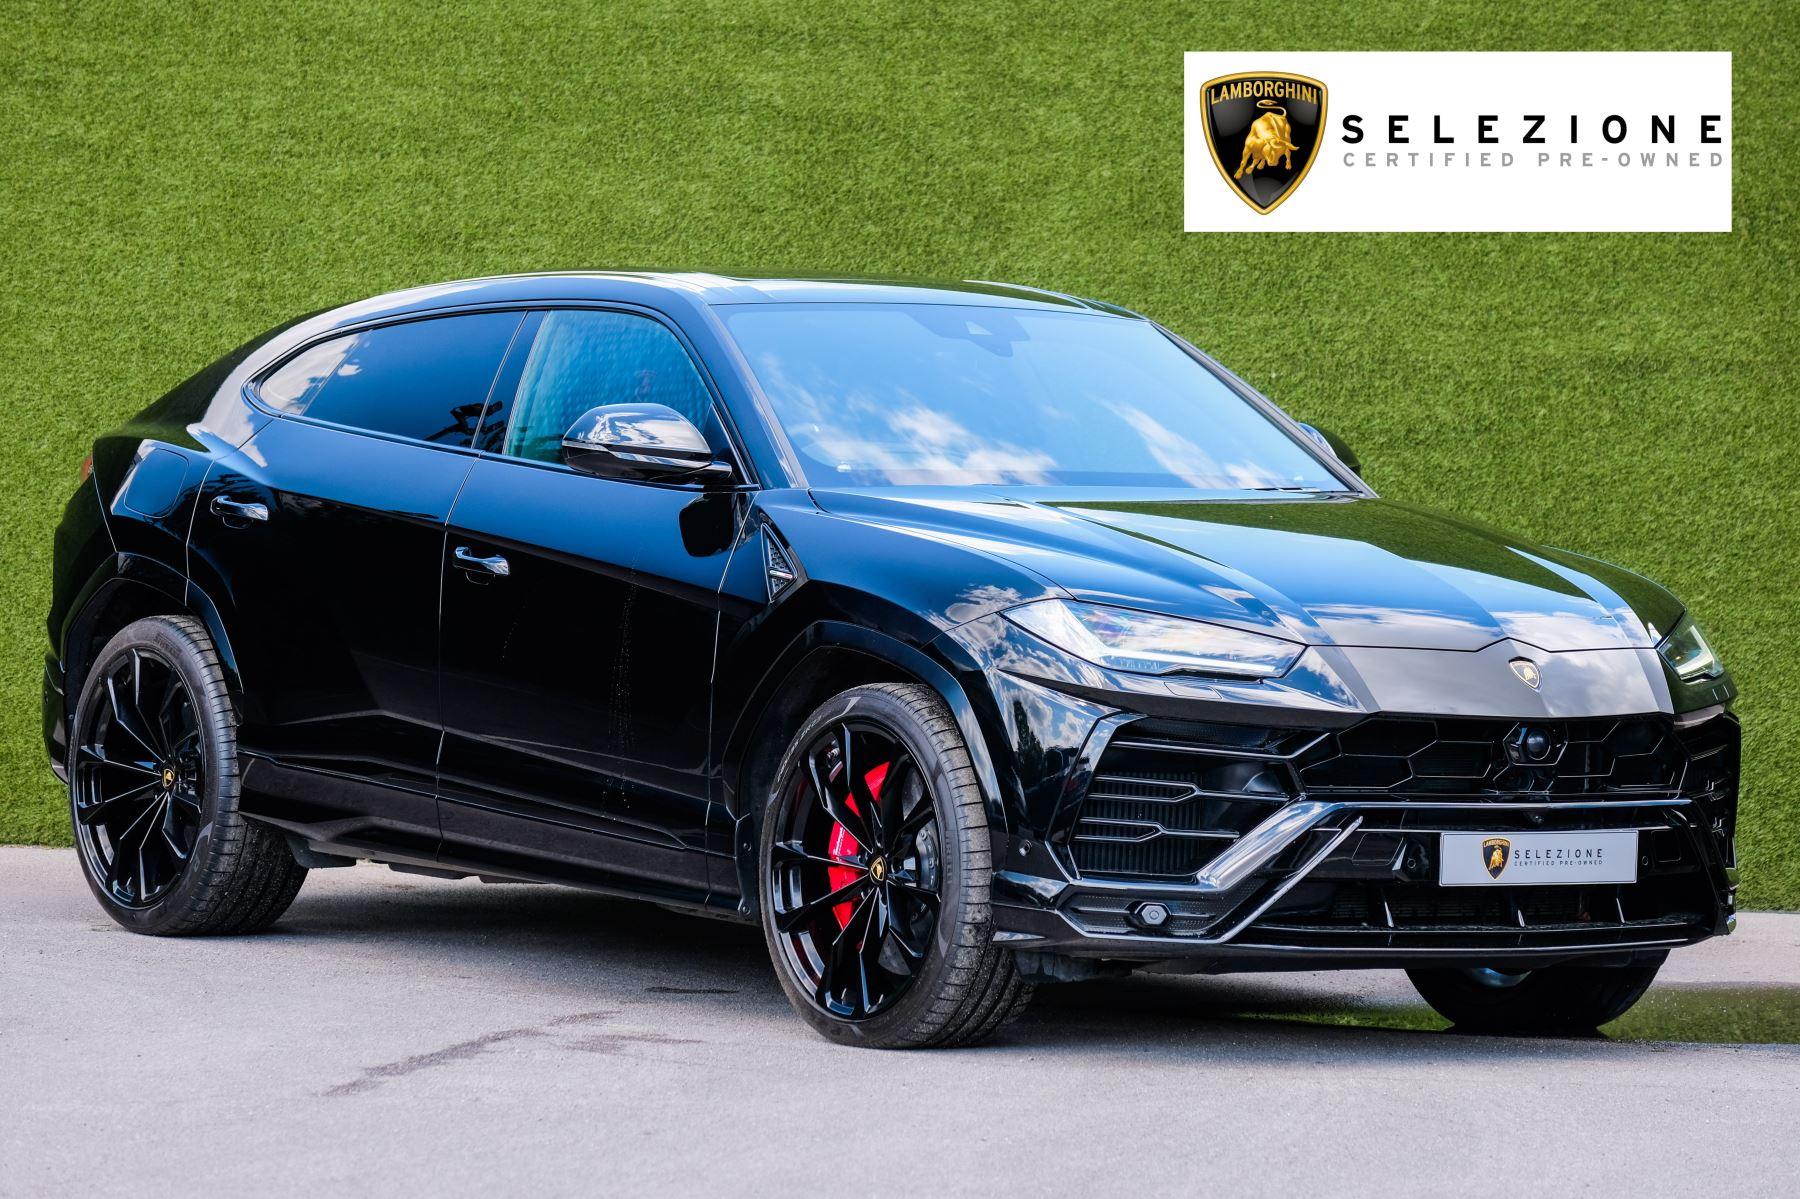 Lamborghini Urus 4.0T FSI V8 AUTO- 4 SEAT CONFIGURATION - NIGHT VISION - 23 INCH ALLOYS Automatic 5 door Estate